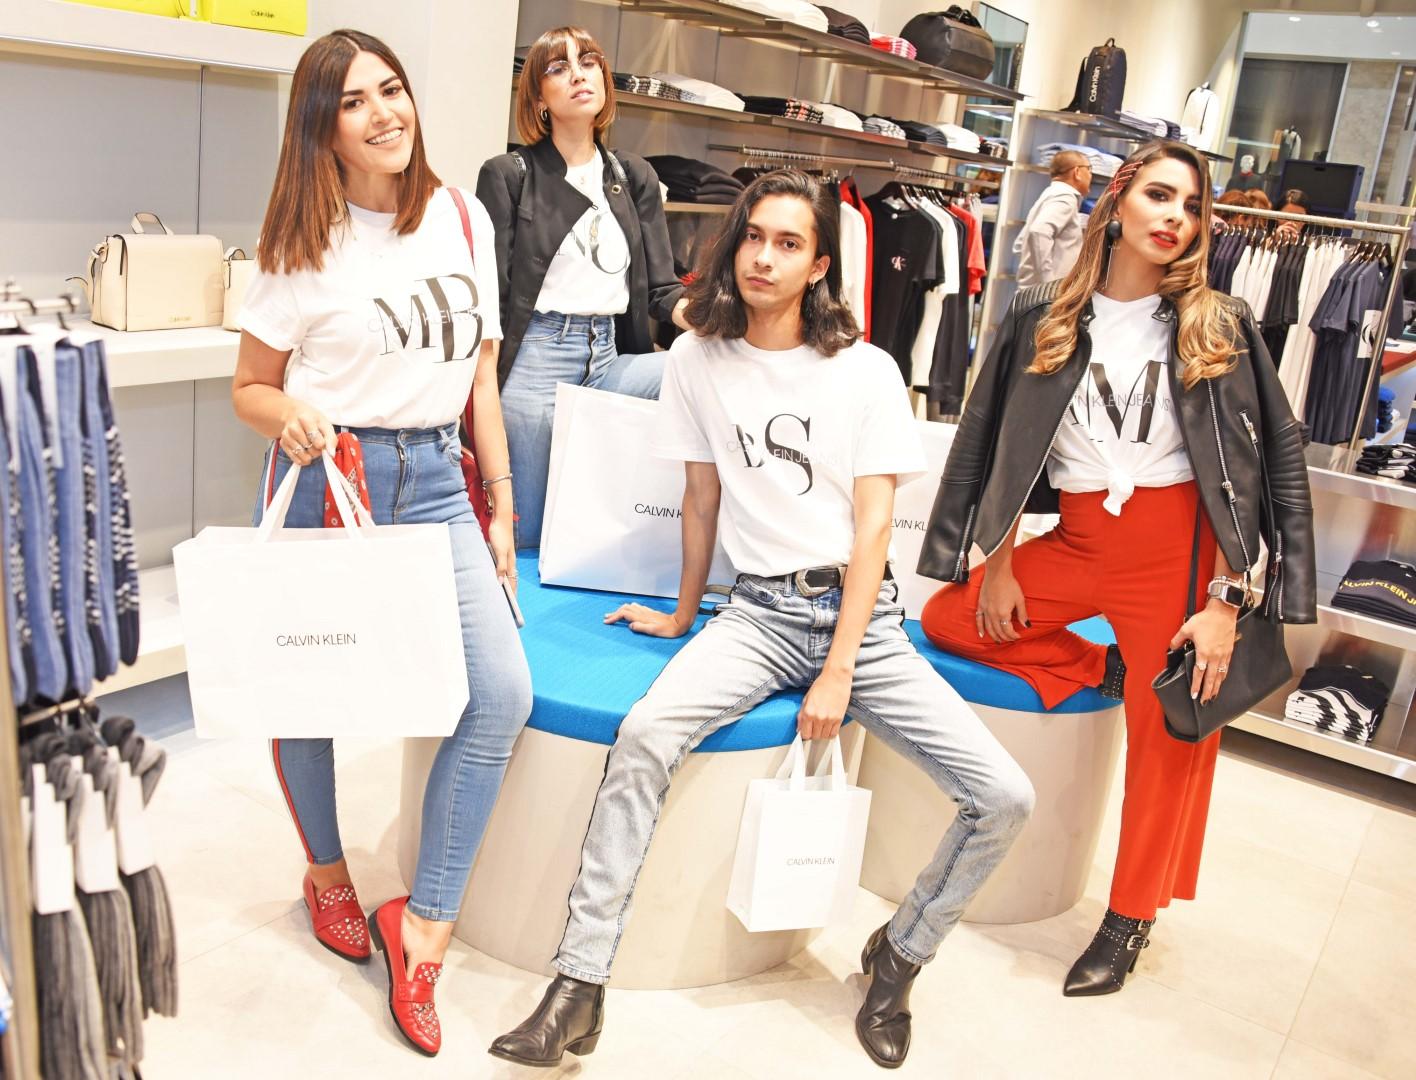 Lanzamiento de promoción Calvin Klein en Mall Multiplaza